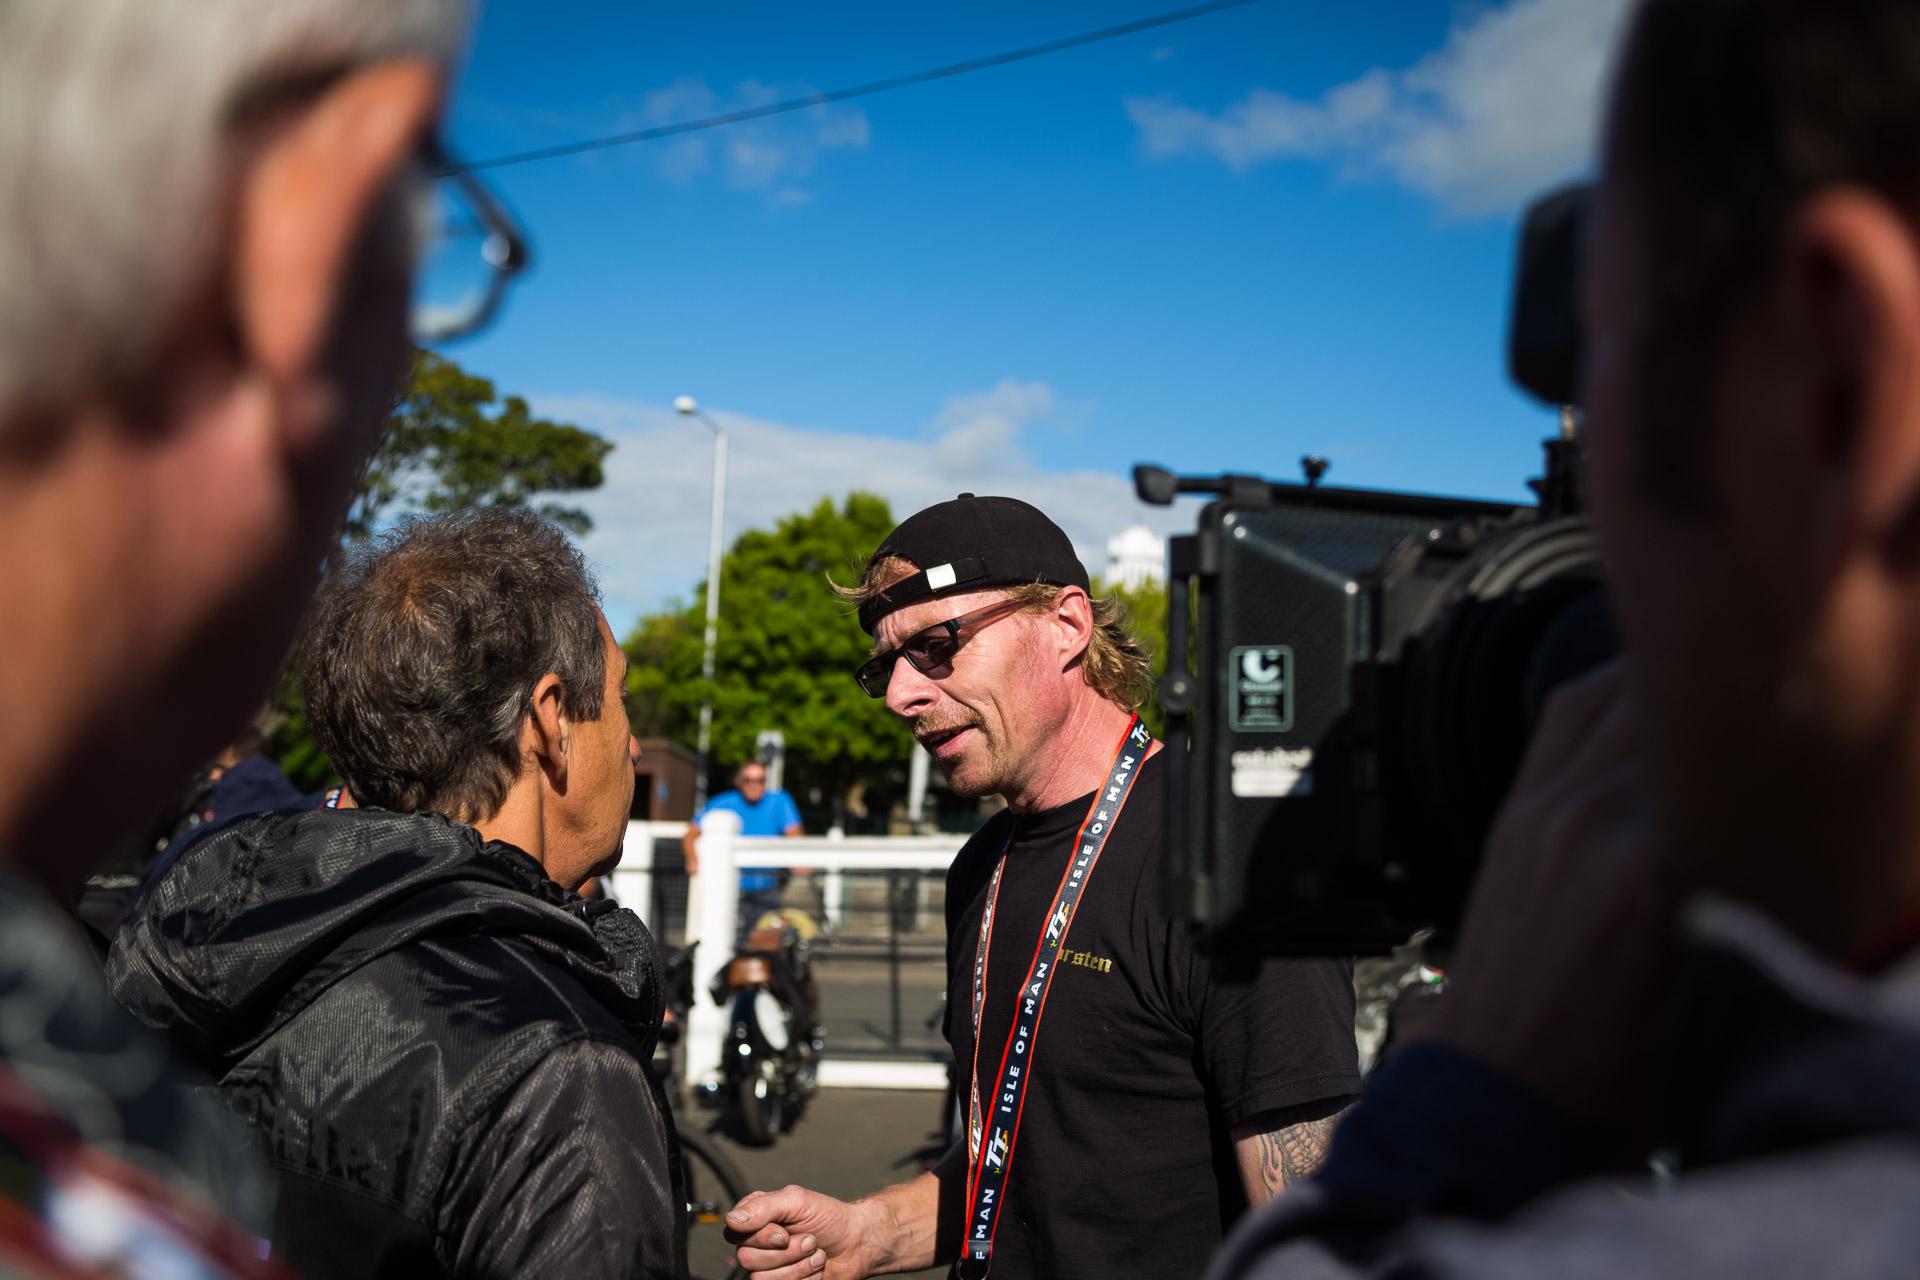 Torsten beim TV-Interview im Classic-TT Fahrerlager